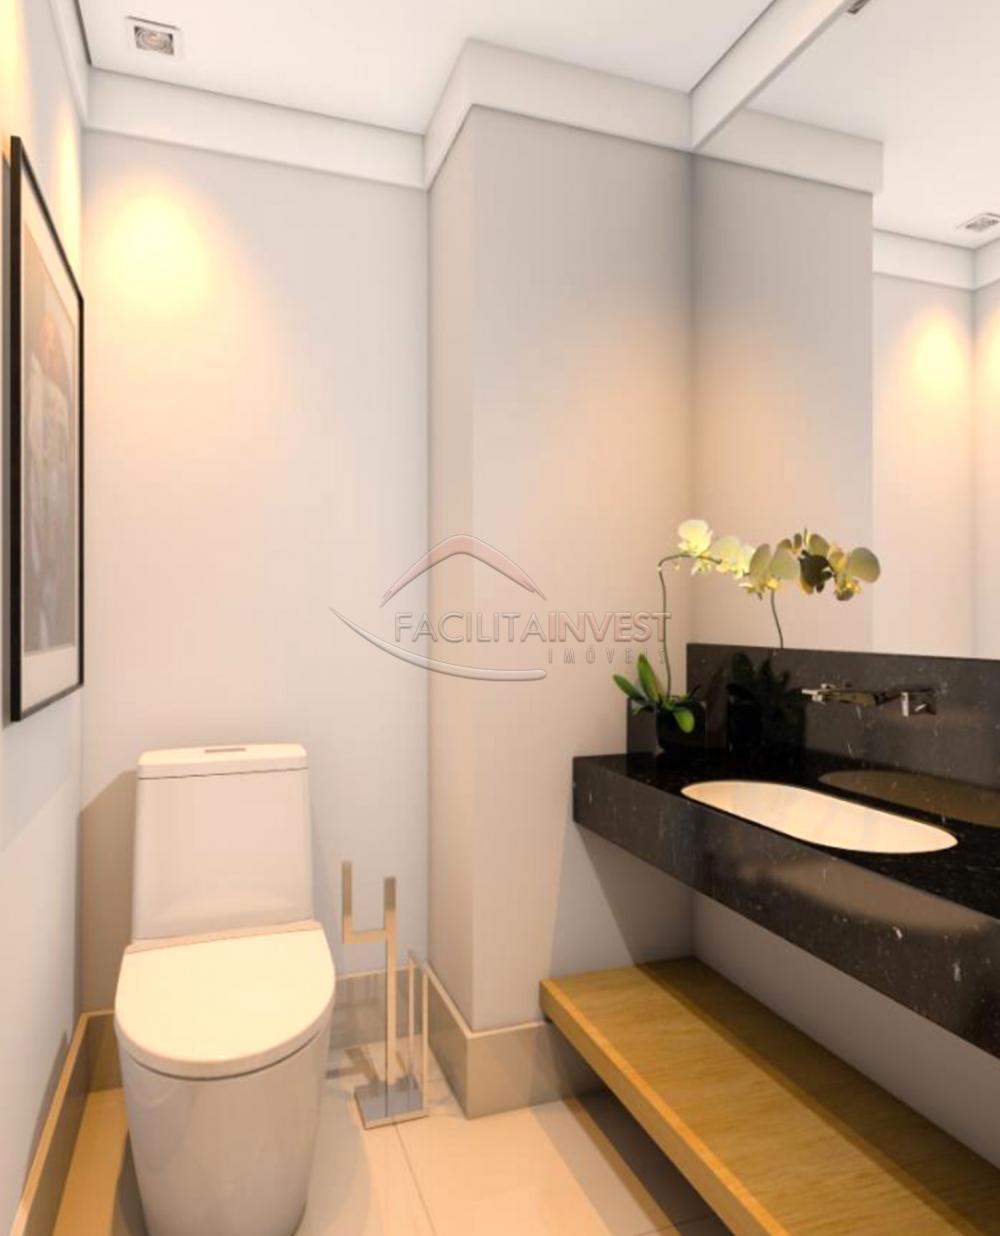 Comprar Lançamentos/ Empreendimentos em Construç / Apartamento padrão - Lançamento em Ribeirão Preto apenas R$ 540.748,00 - Foto 5